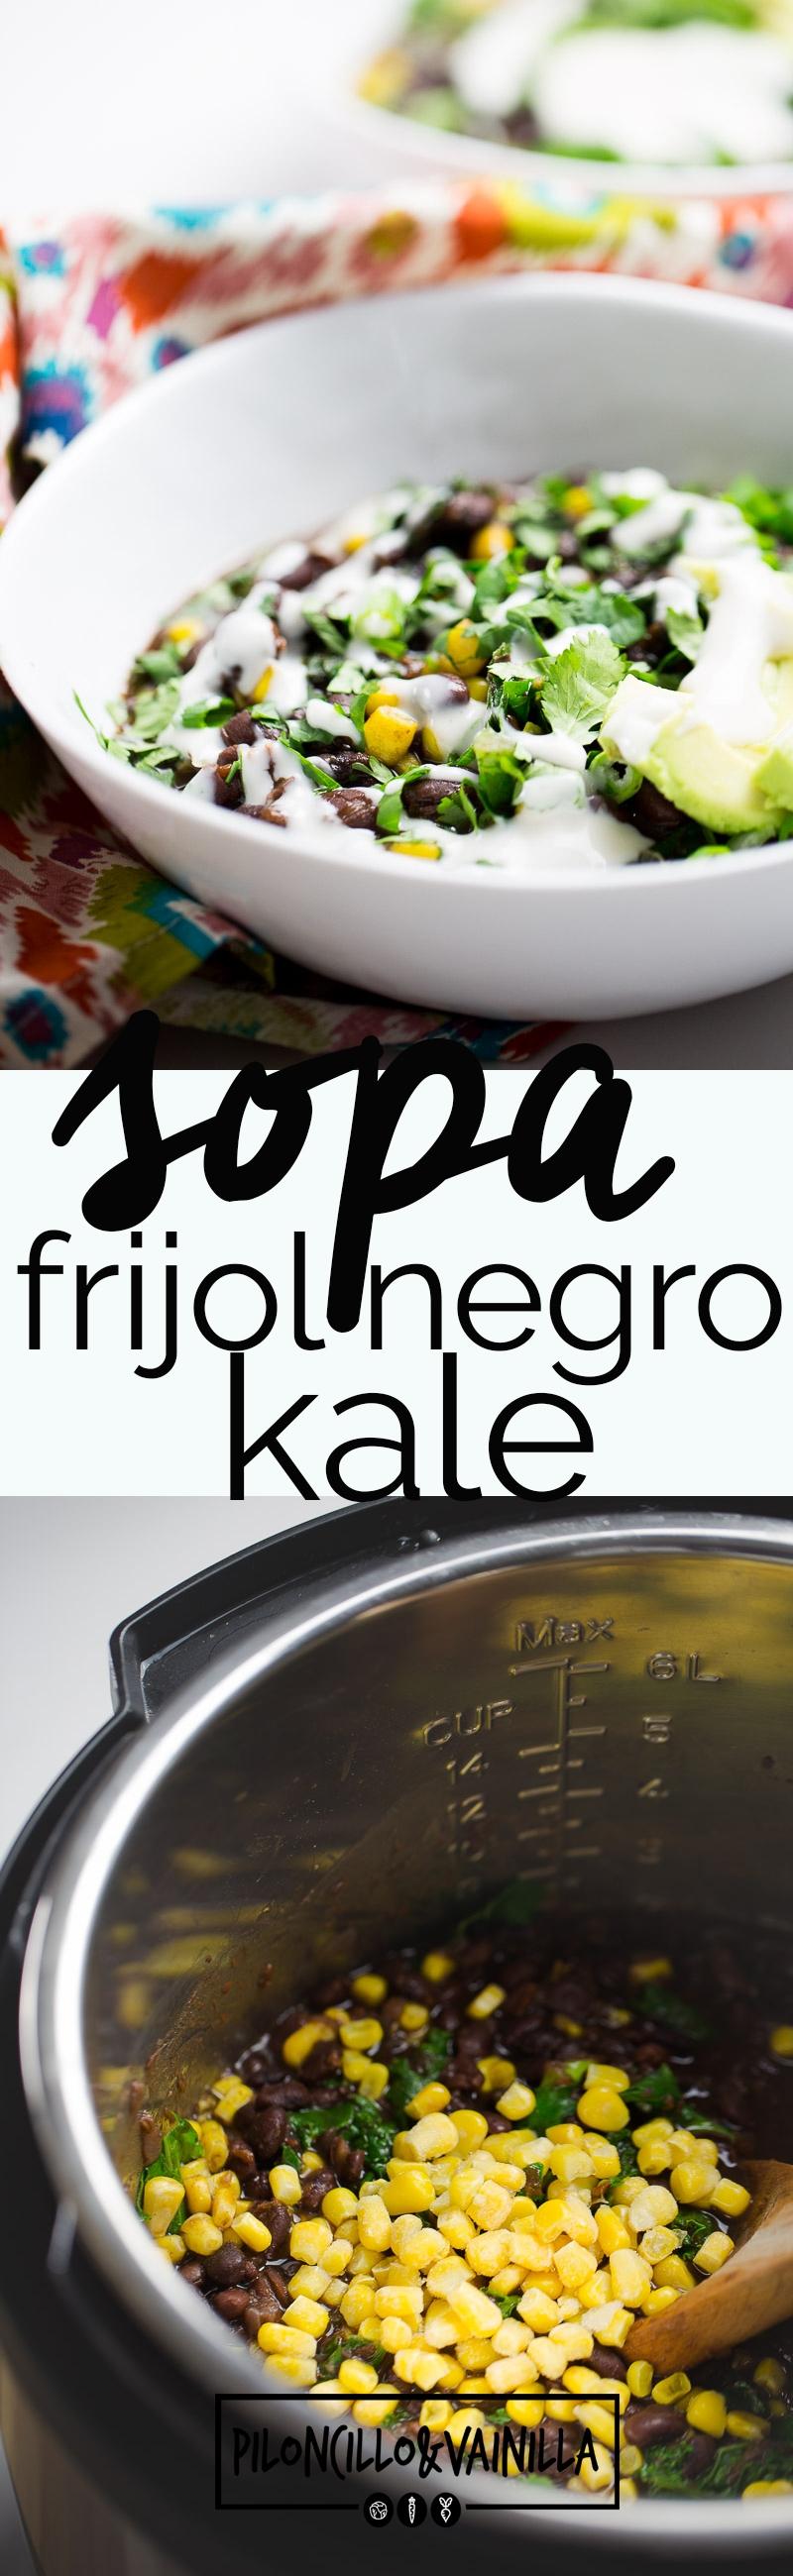 Esta sopa de frijol negro con kale y elote es una receta salvavidas. Pones todos los ingredientes en la #instapot o crock-pot, la tapas, la programas y cuando estes lista para comer terminas la sopa a tu gusto.  #sopavegana, #sopasaludable, #recetadeinstapot,#vegano,#recetaenespañol